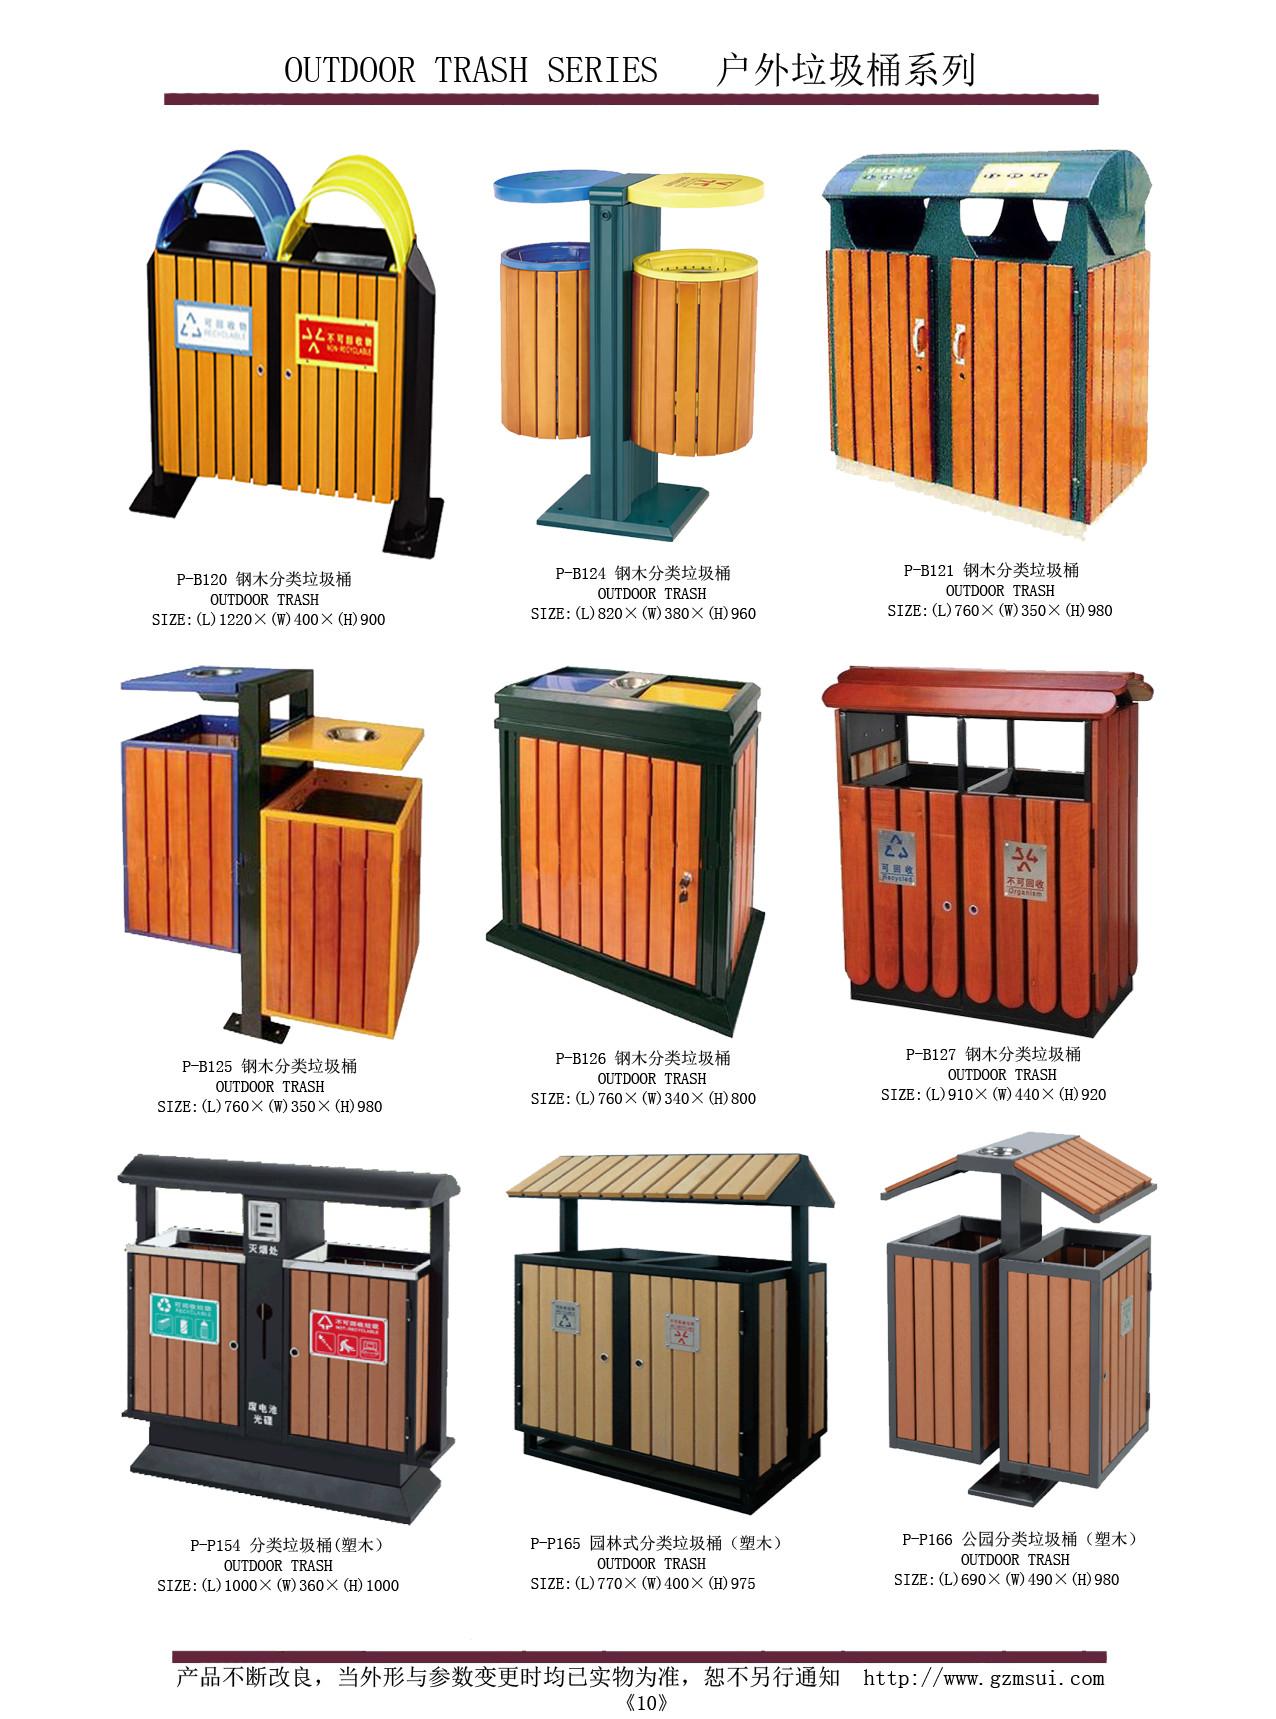 回收 垃圾桶 垃圾箱 设计 矢量 矢量图 素材 1276_1719 竖版 竖屏